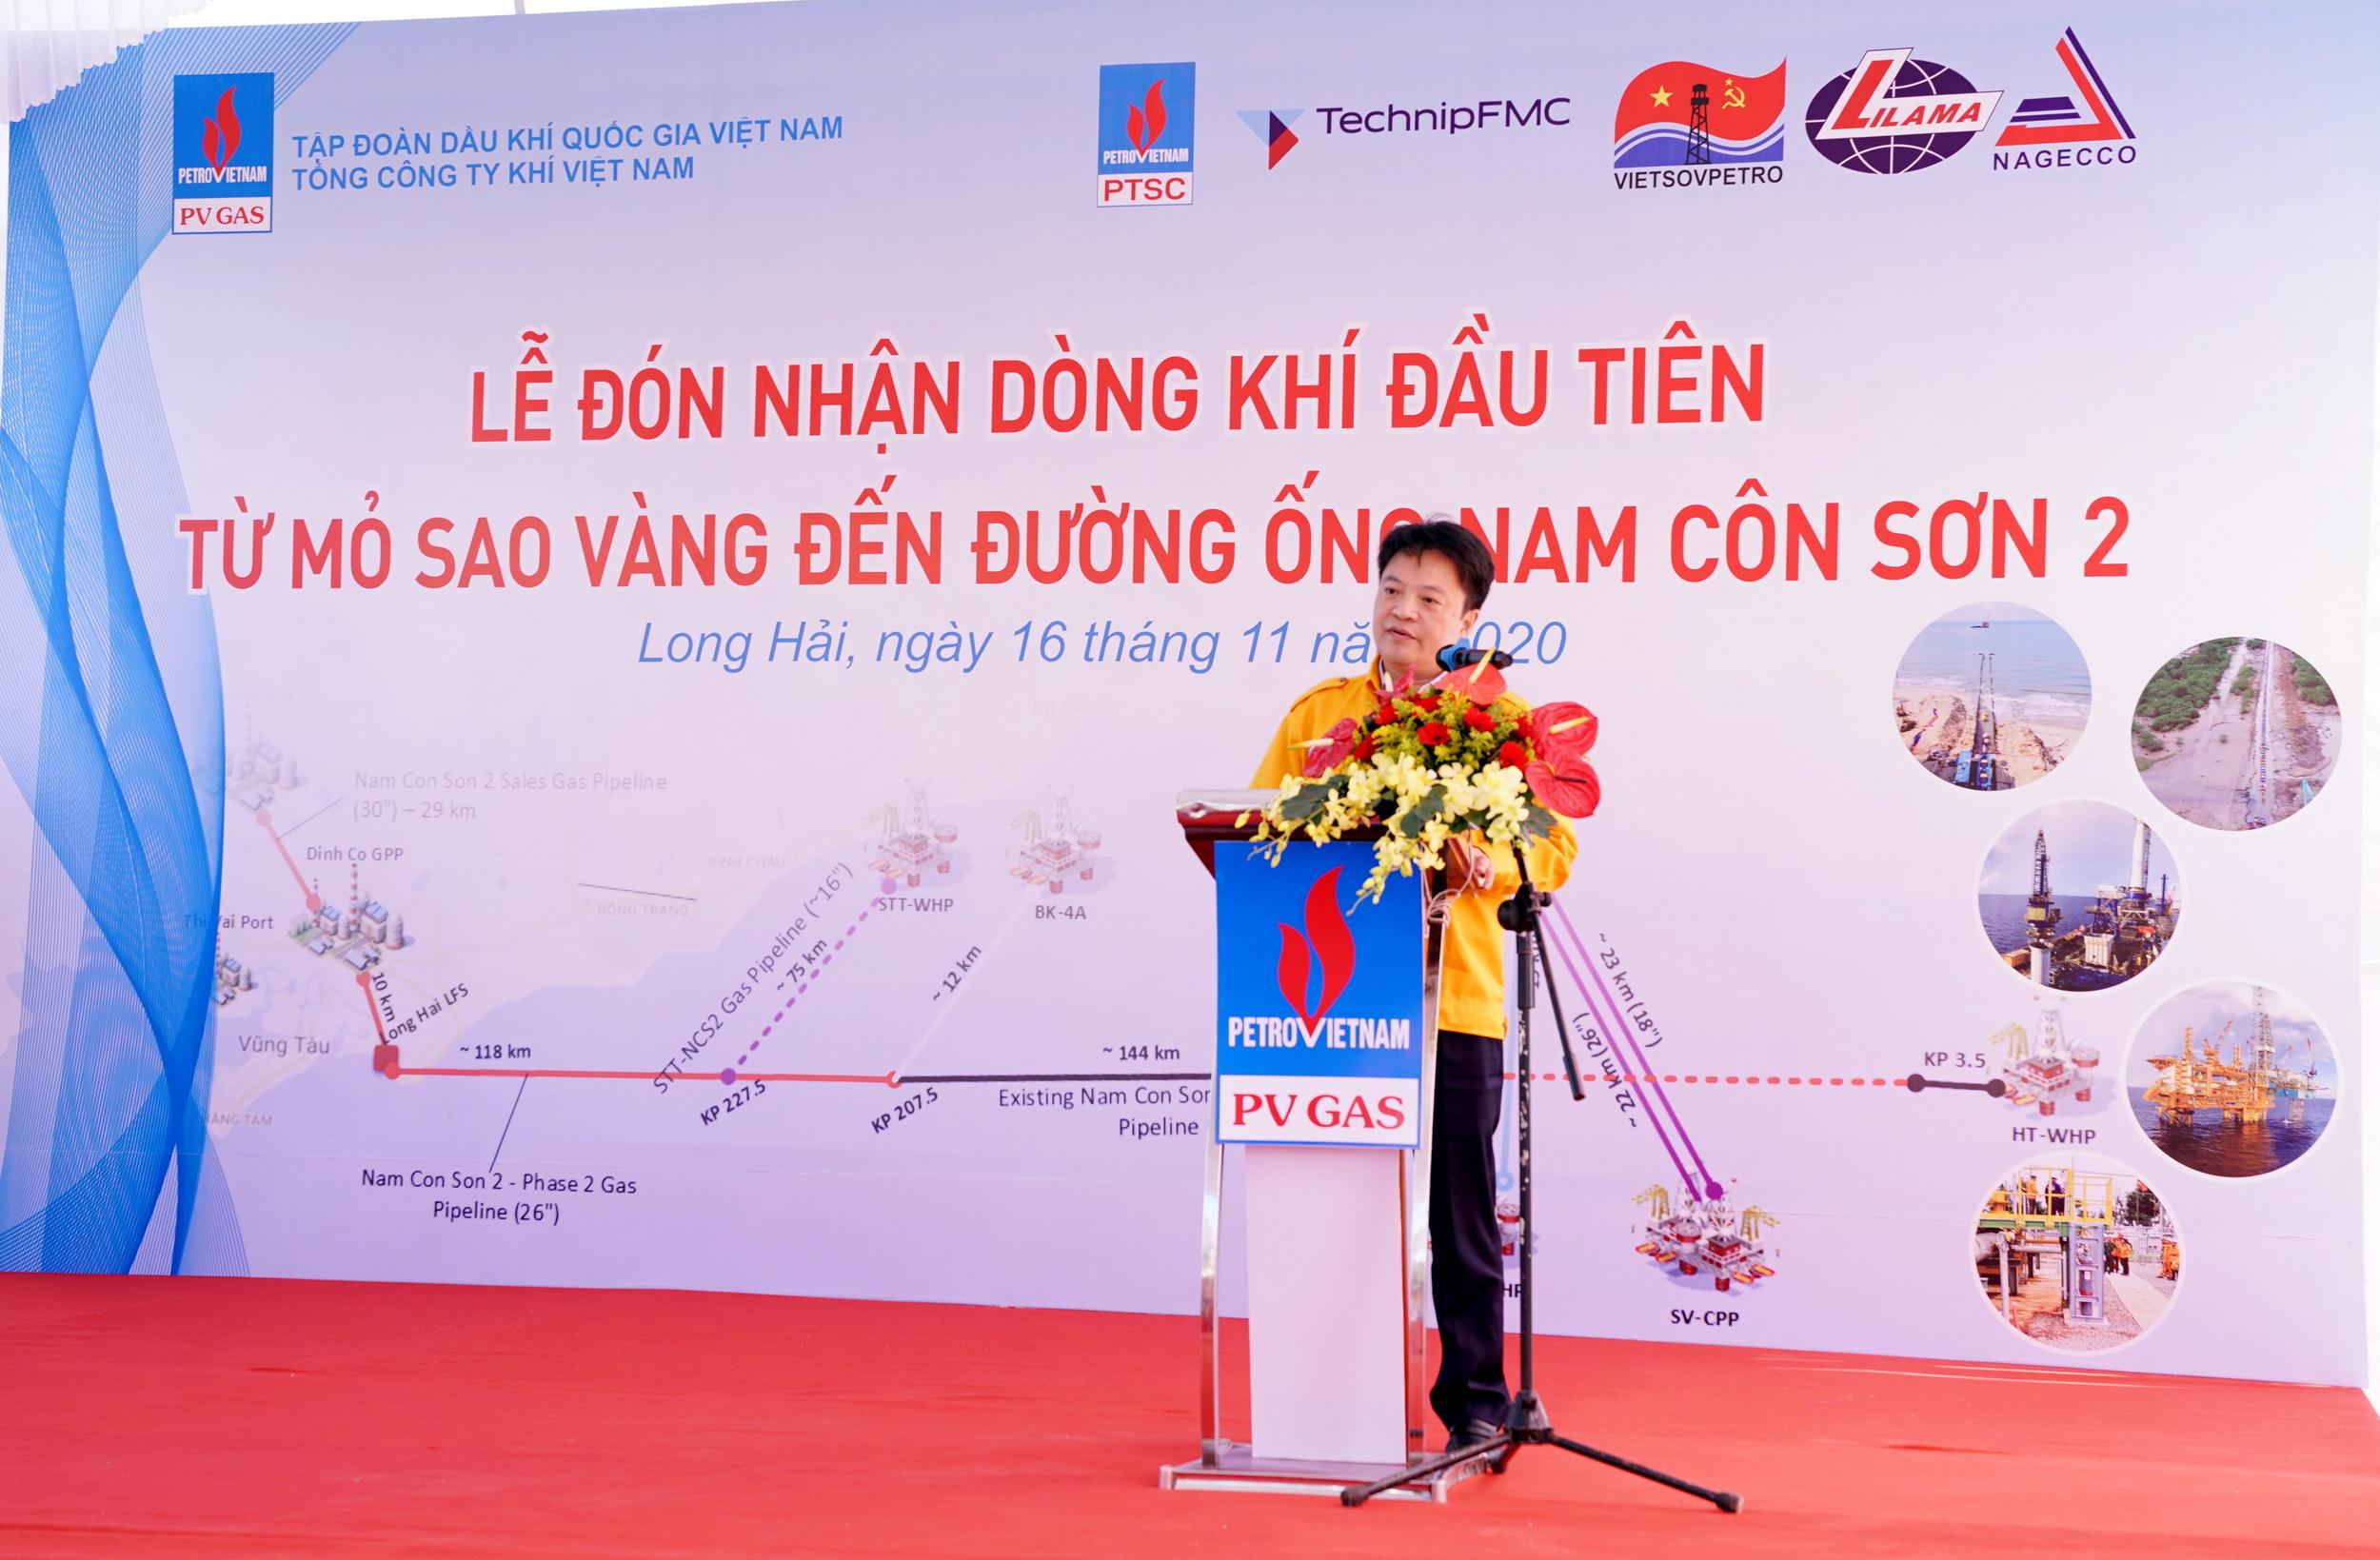 Phát biểu của PTGĐ PV GAS Hoàng Văn Quang